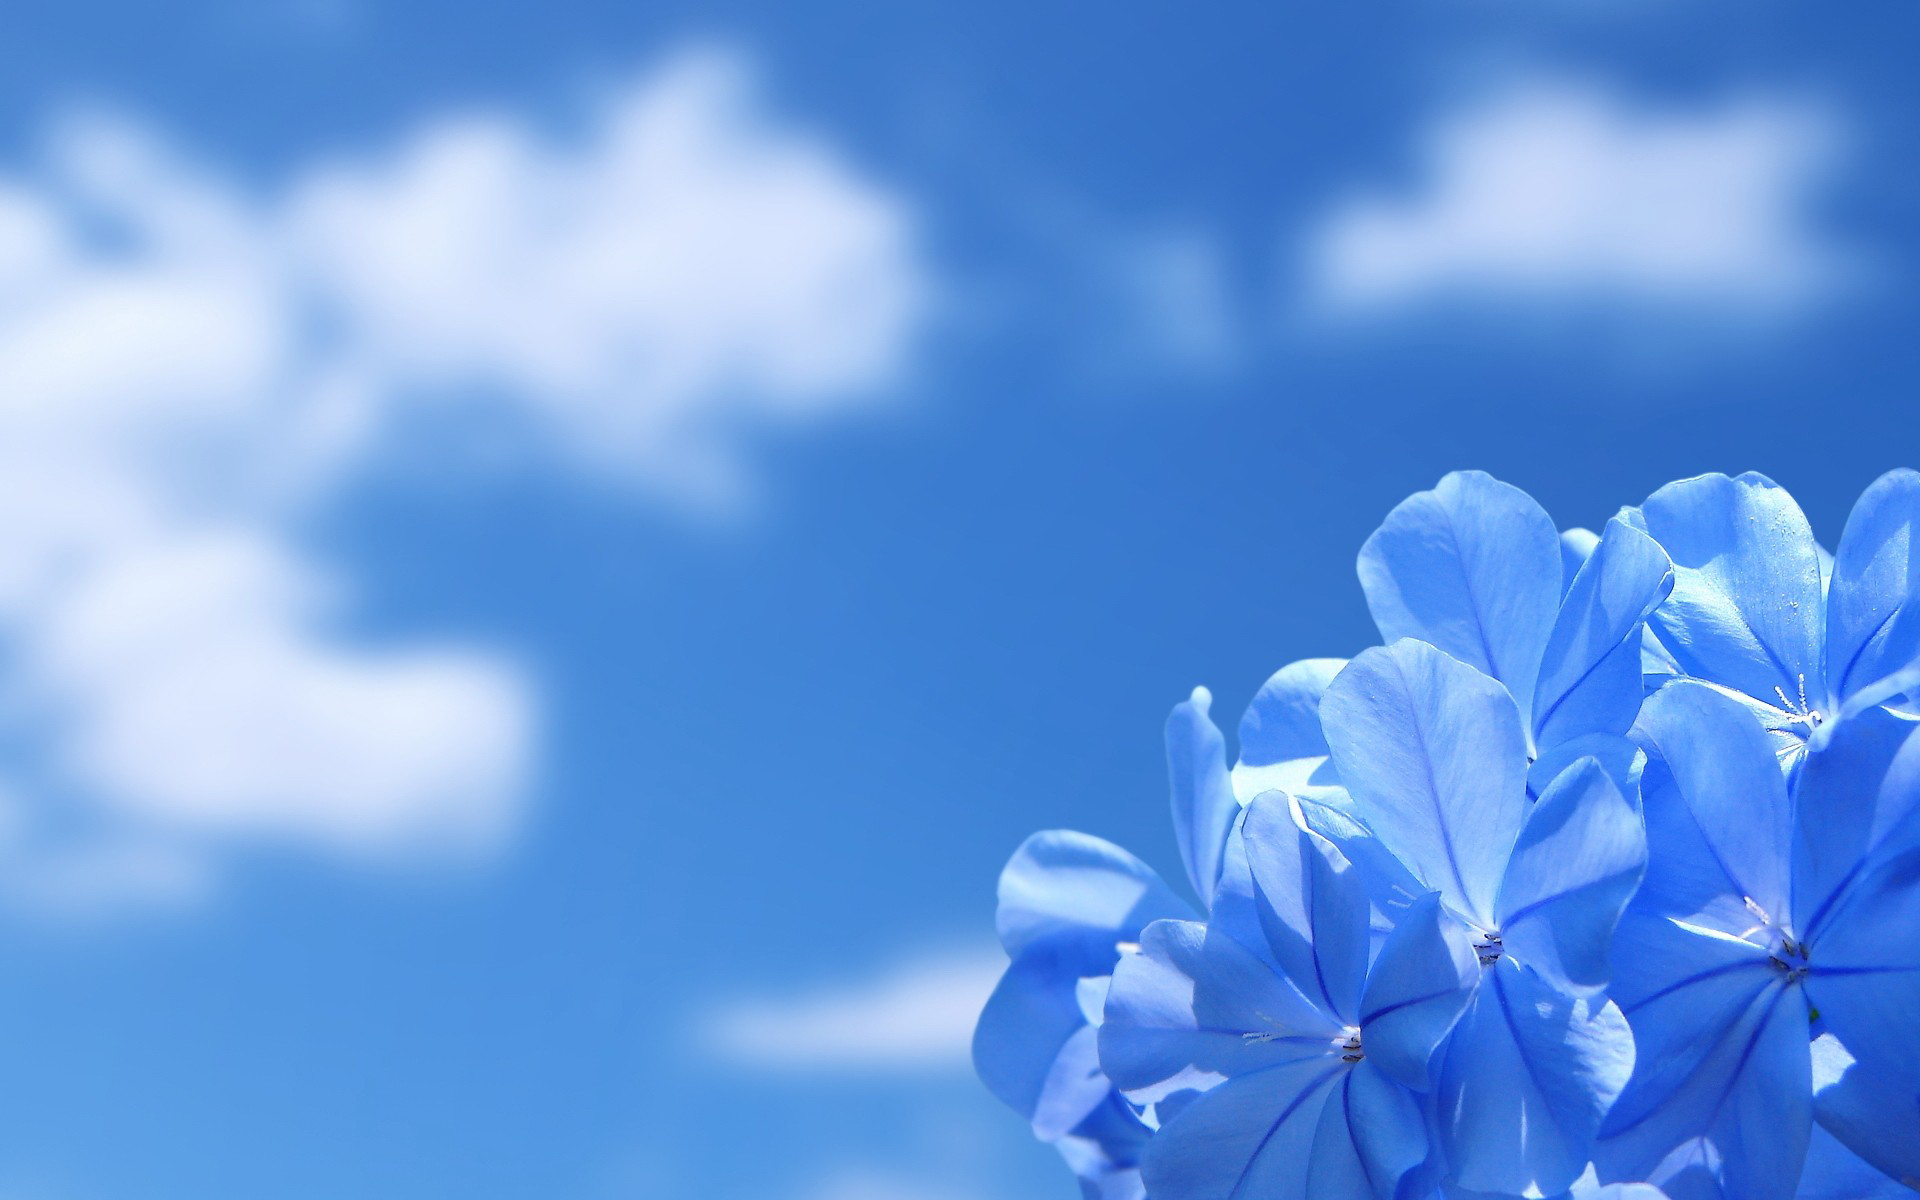 Hình ảnh màu xanh dương